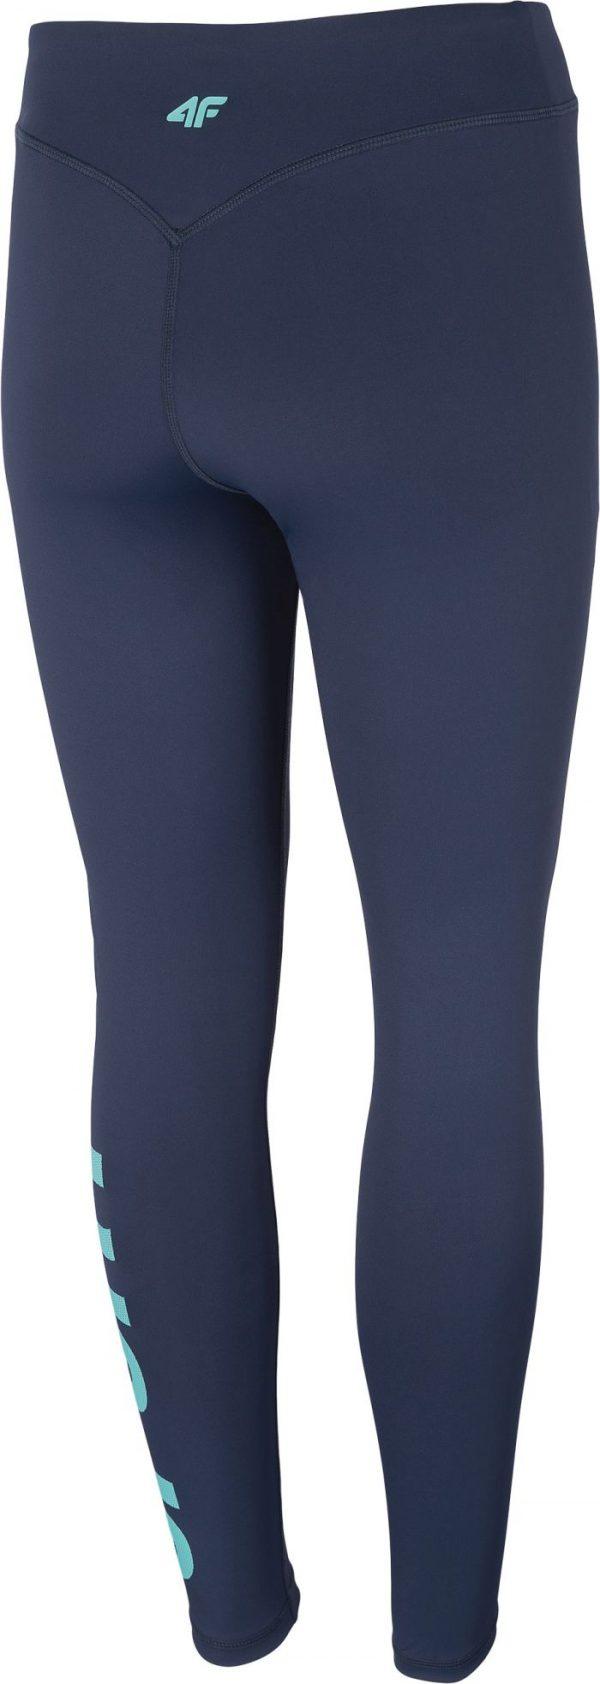 legginsy spodnie damskie funkcyjne 4f h4l20spdf007 granatowe tył